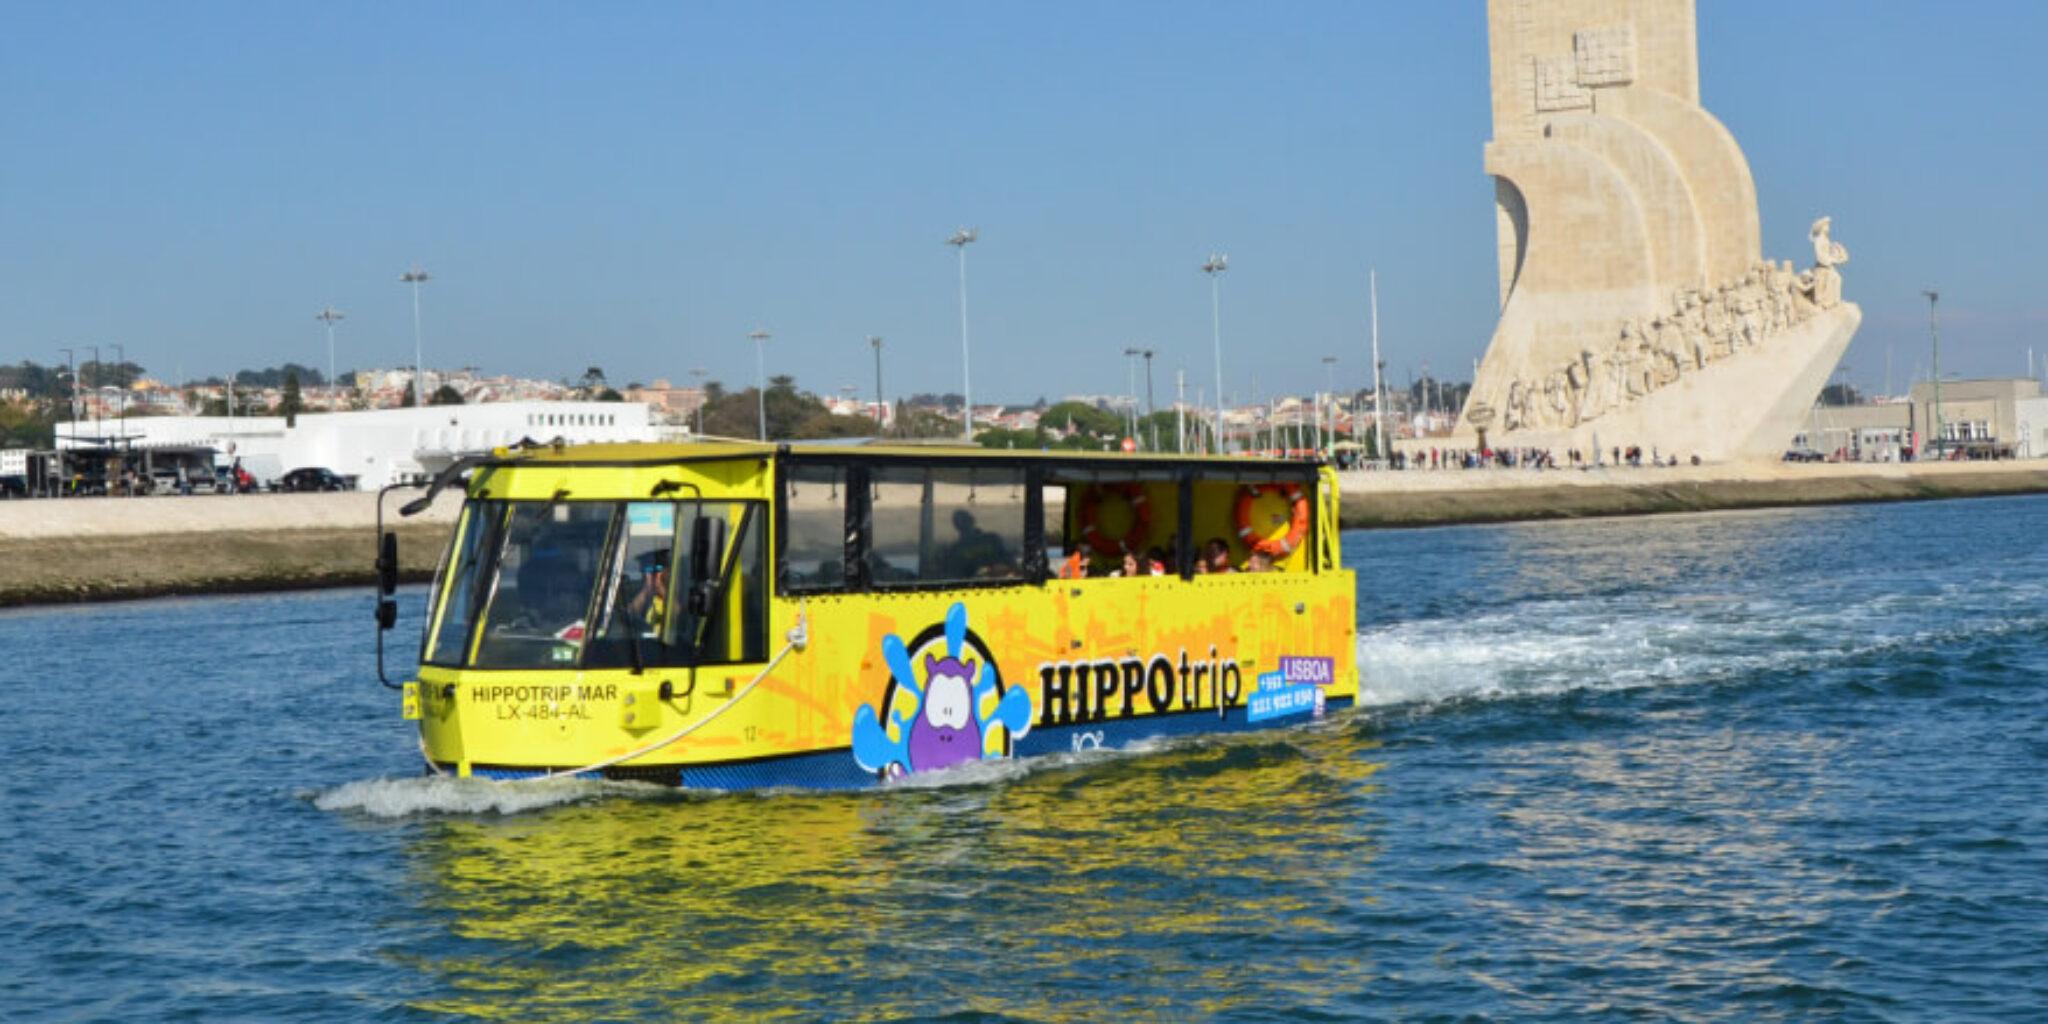 Conhecer Lisboa numa Hippotrip de verão